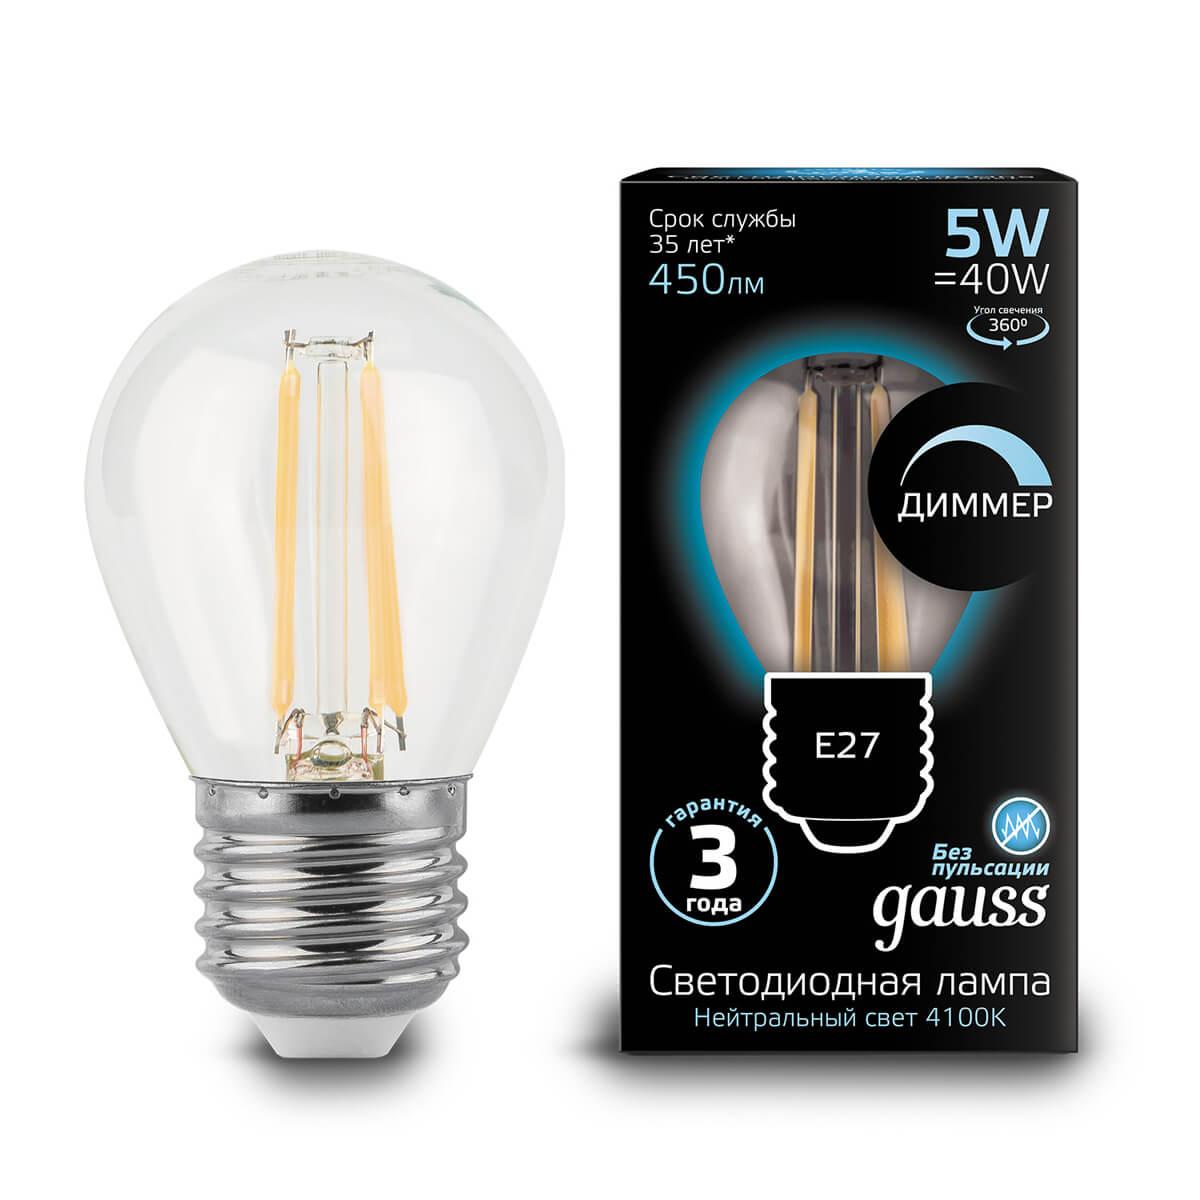 цена Лампа светодиодная филаментная Gauss E27 5W 4100K прозрачная 105802205 онлайн в 2017 году